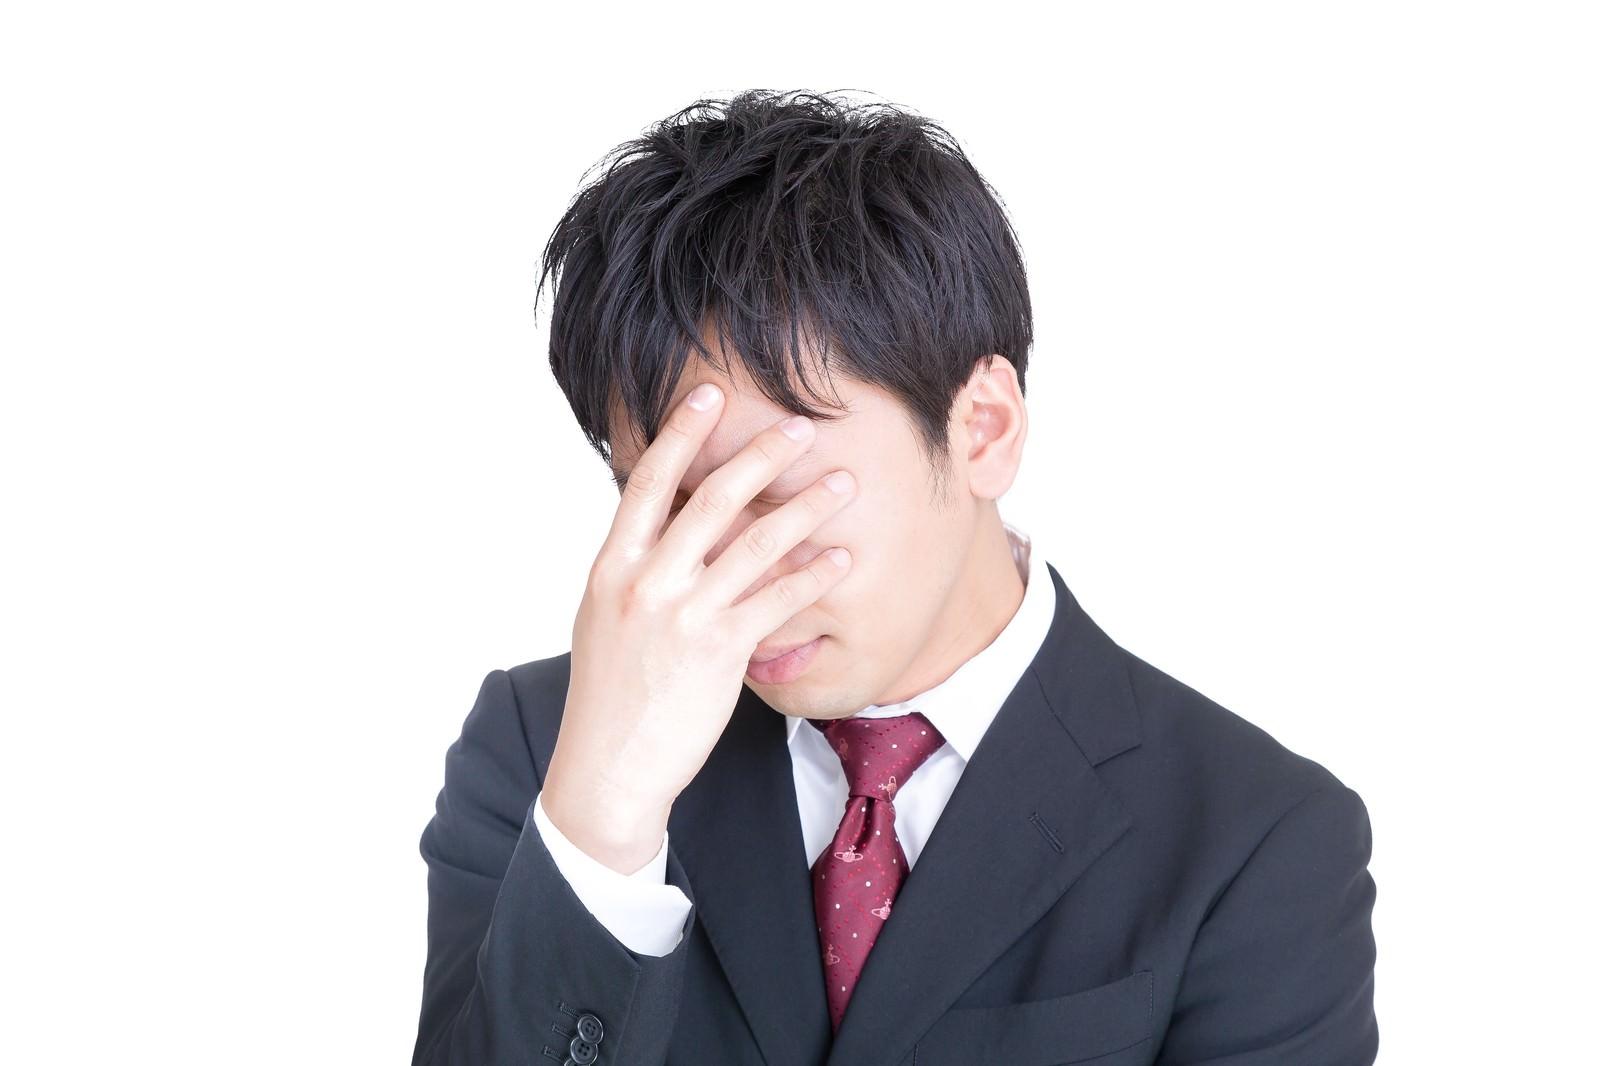 「頭を抱えてひどく落ち込む男性」の写真[モデル:大川竜弥]